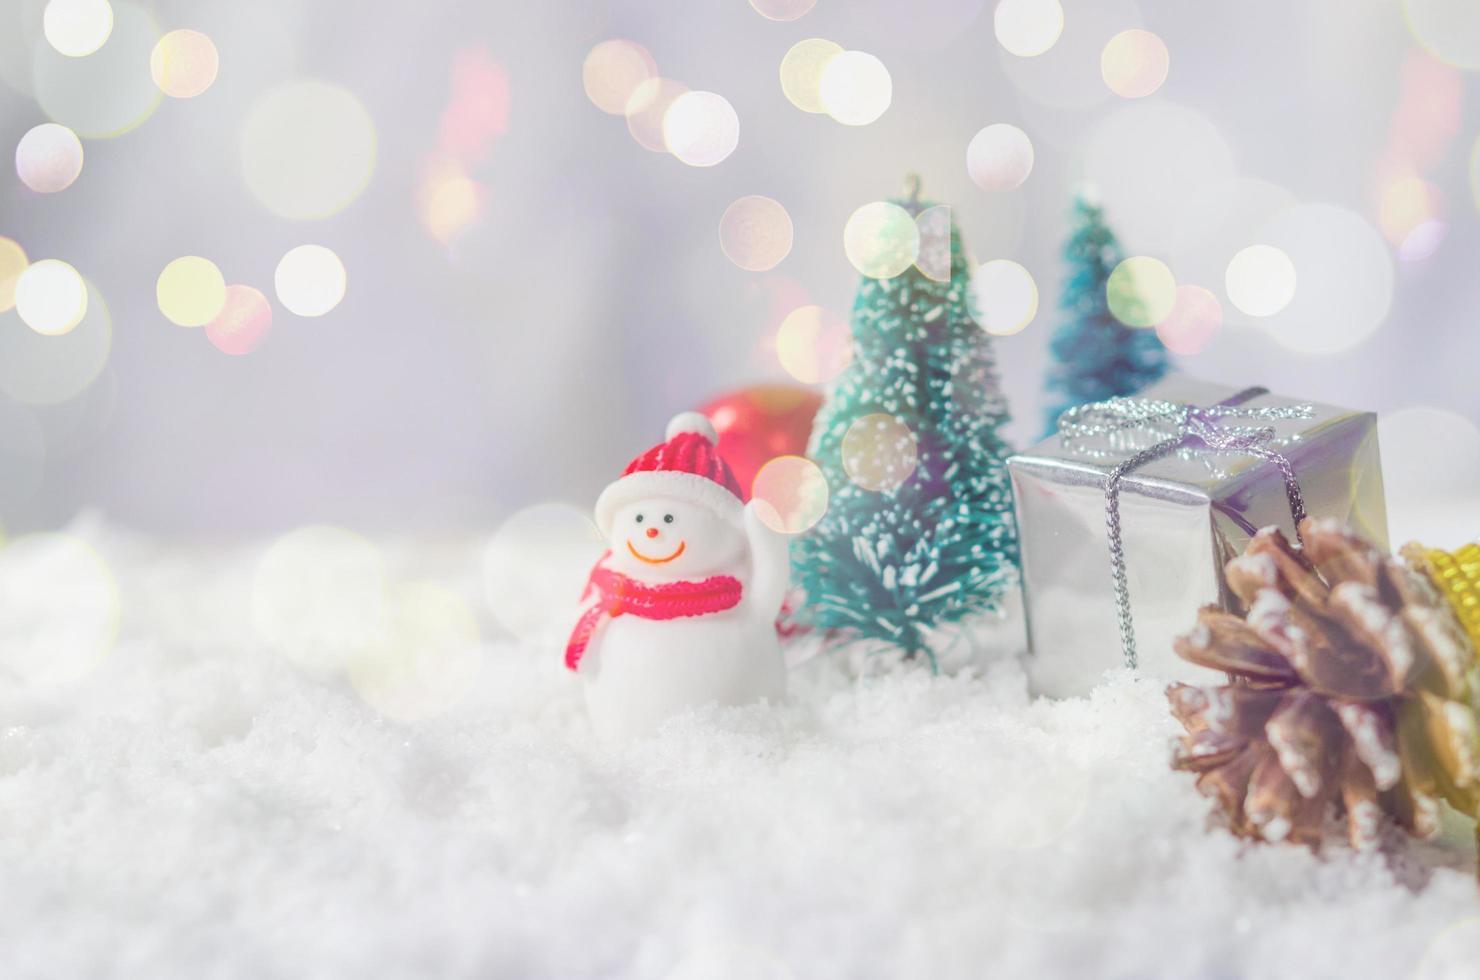 decorações de natal em miniatura na neve foto